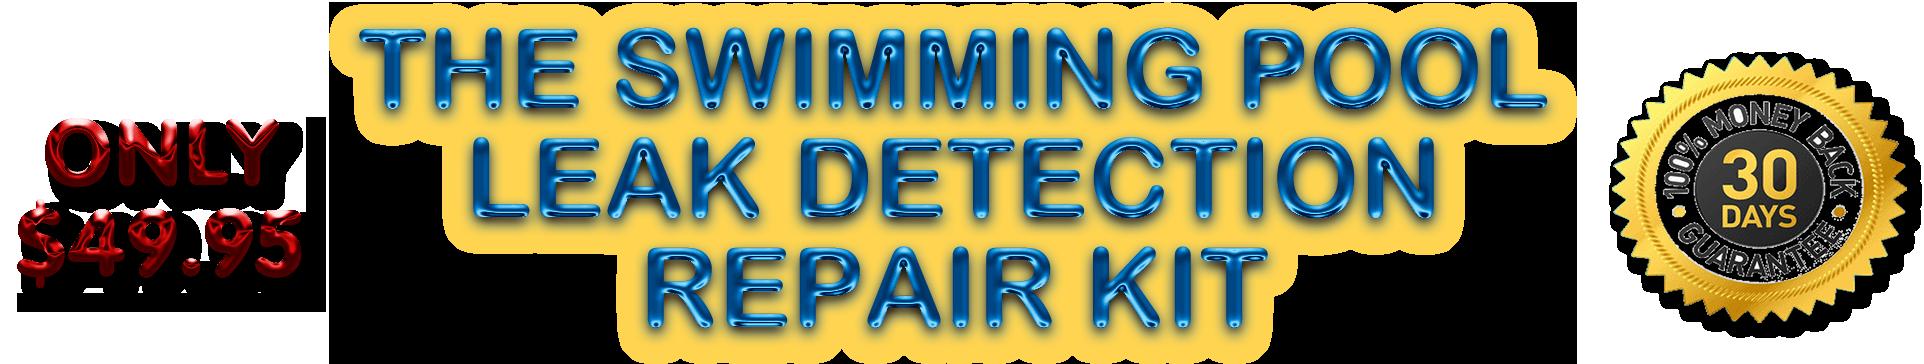 Swimming Pool Leak Detection And Dye Testing Kit